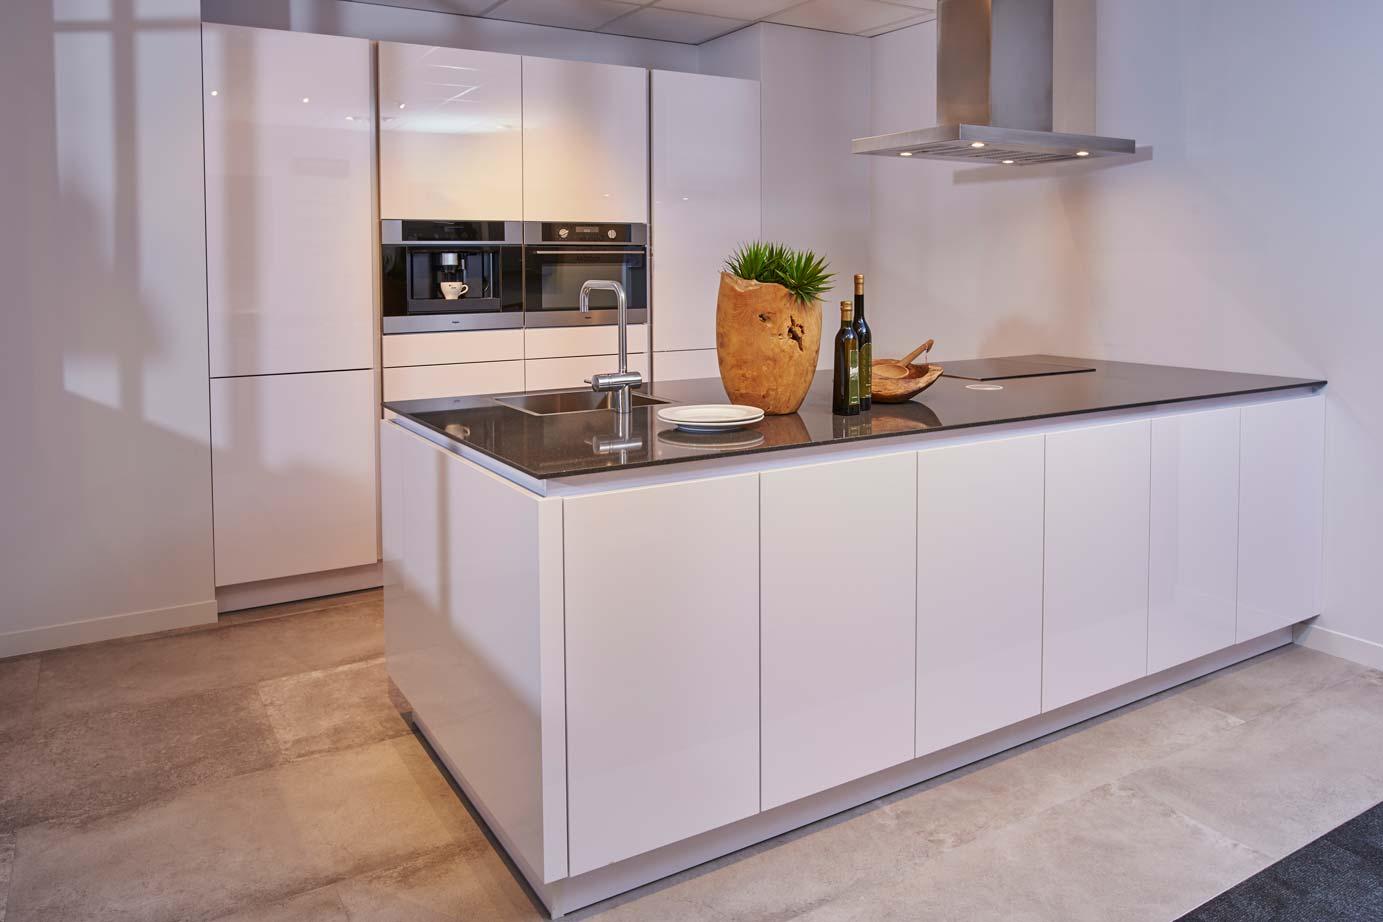 keuken tegels wit : Moderne Keuken Met Eiland In Hoogglans Wit Db Keukens